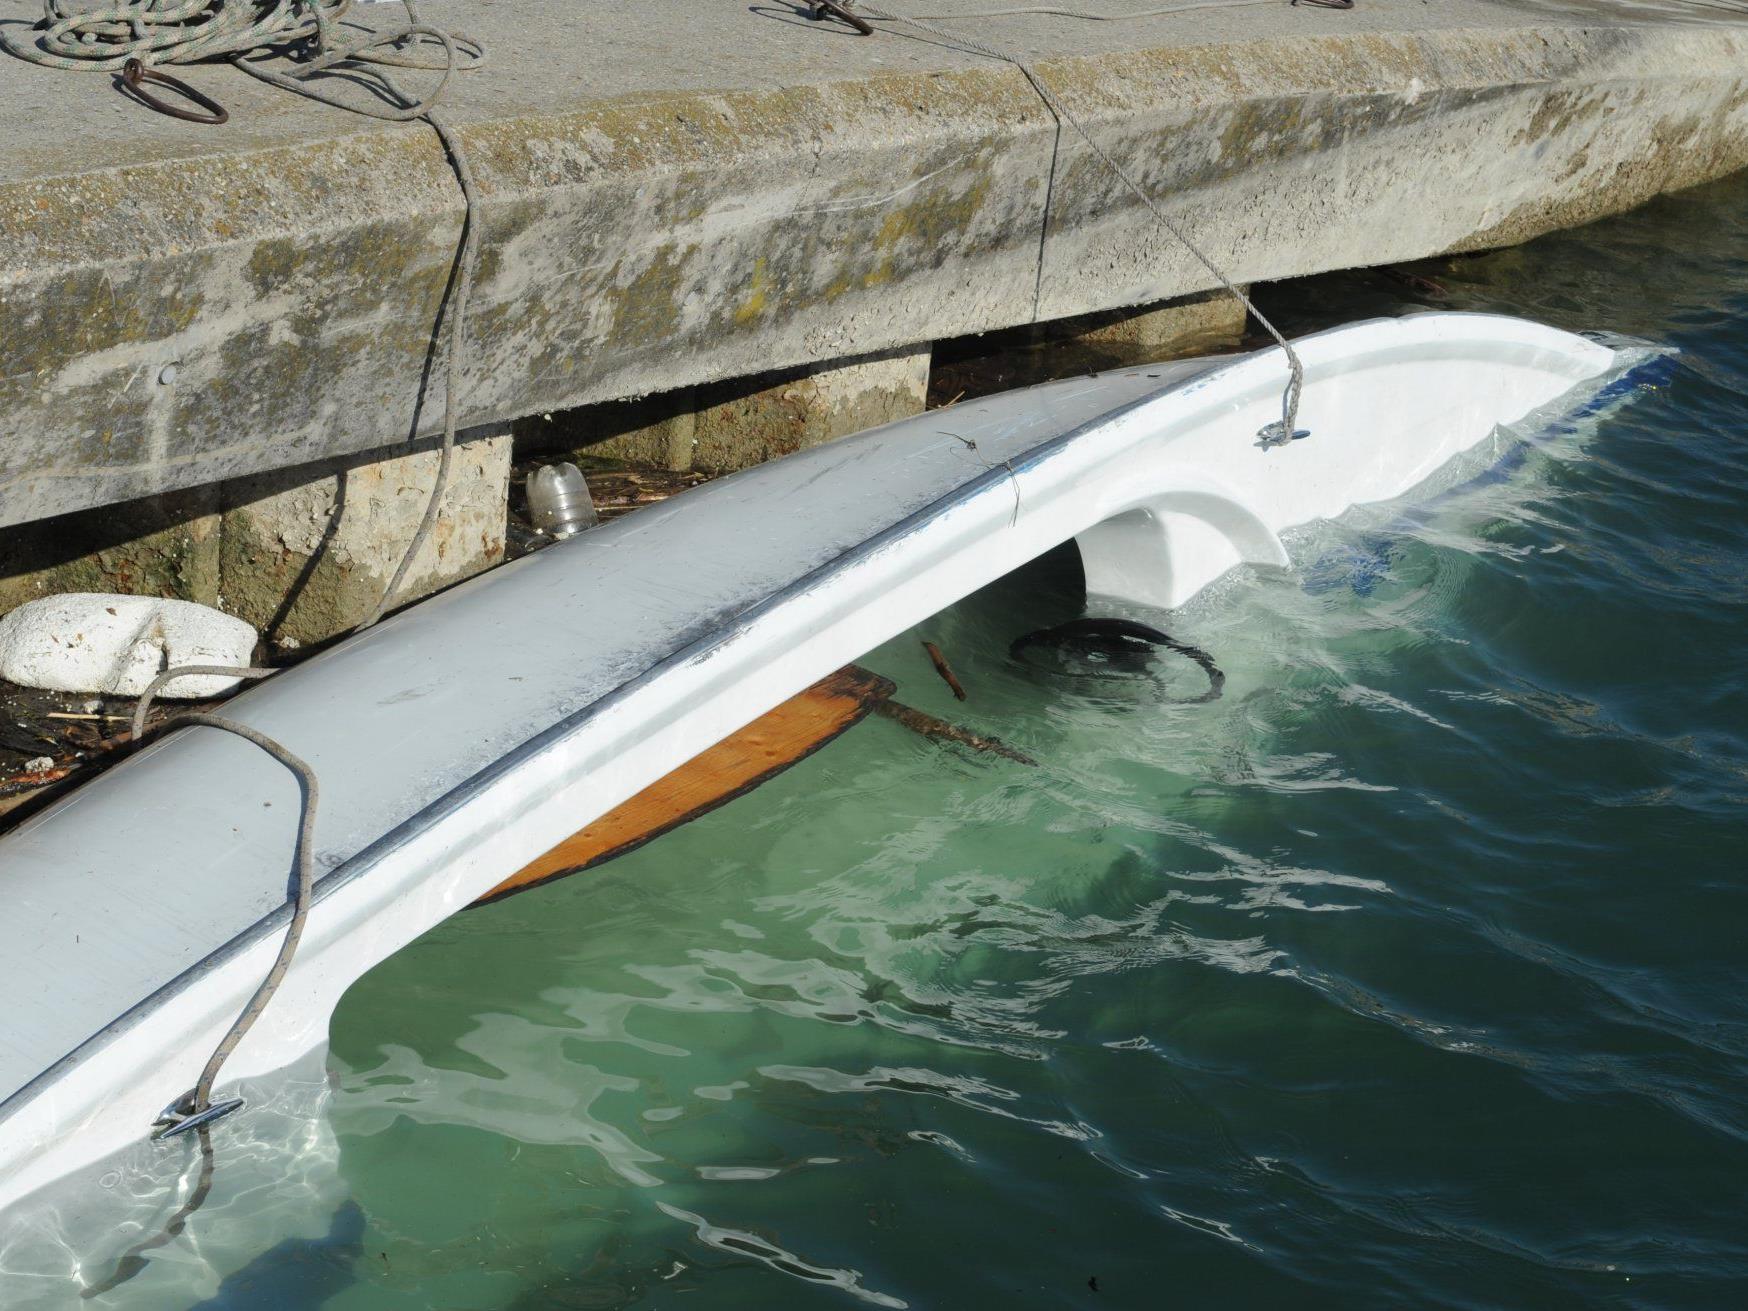 Bei diesem Bootsunfall starb ein Pole auf der Neuen Donau